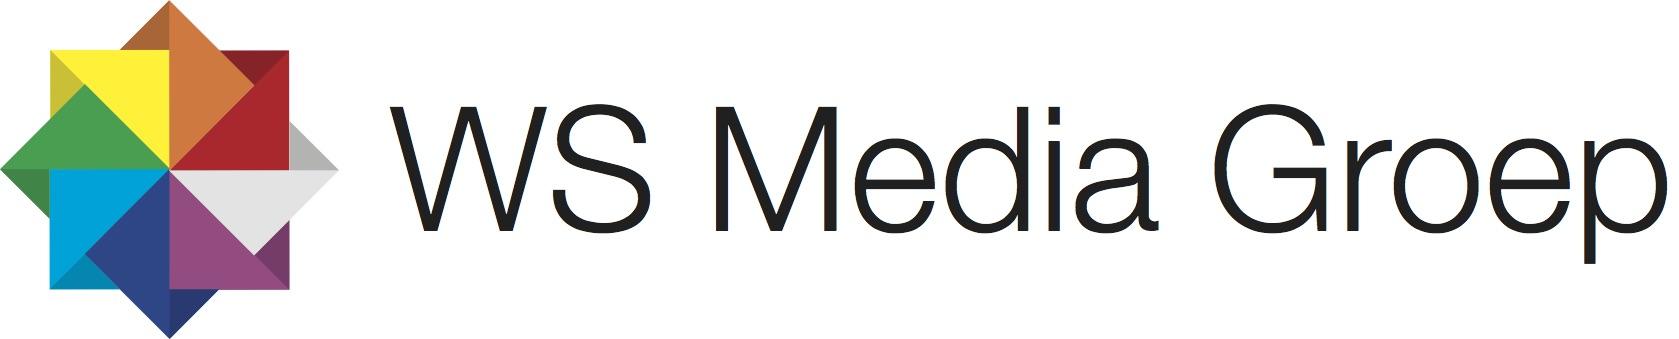 WS Media